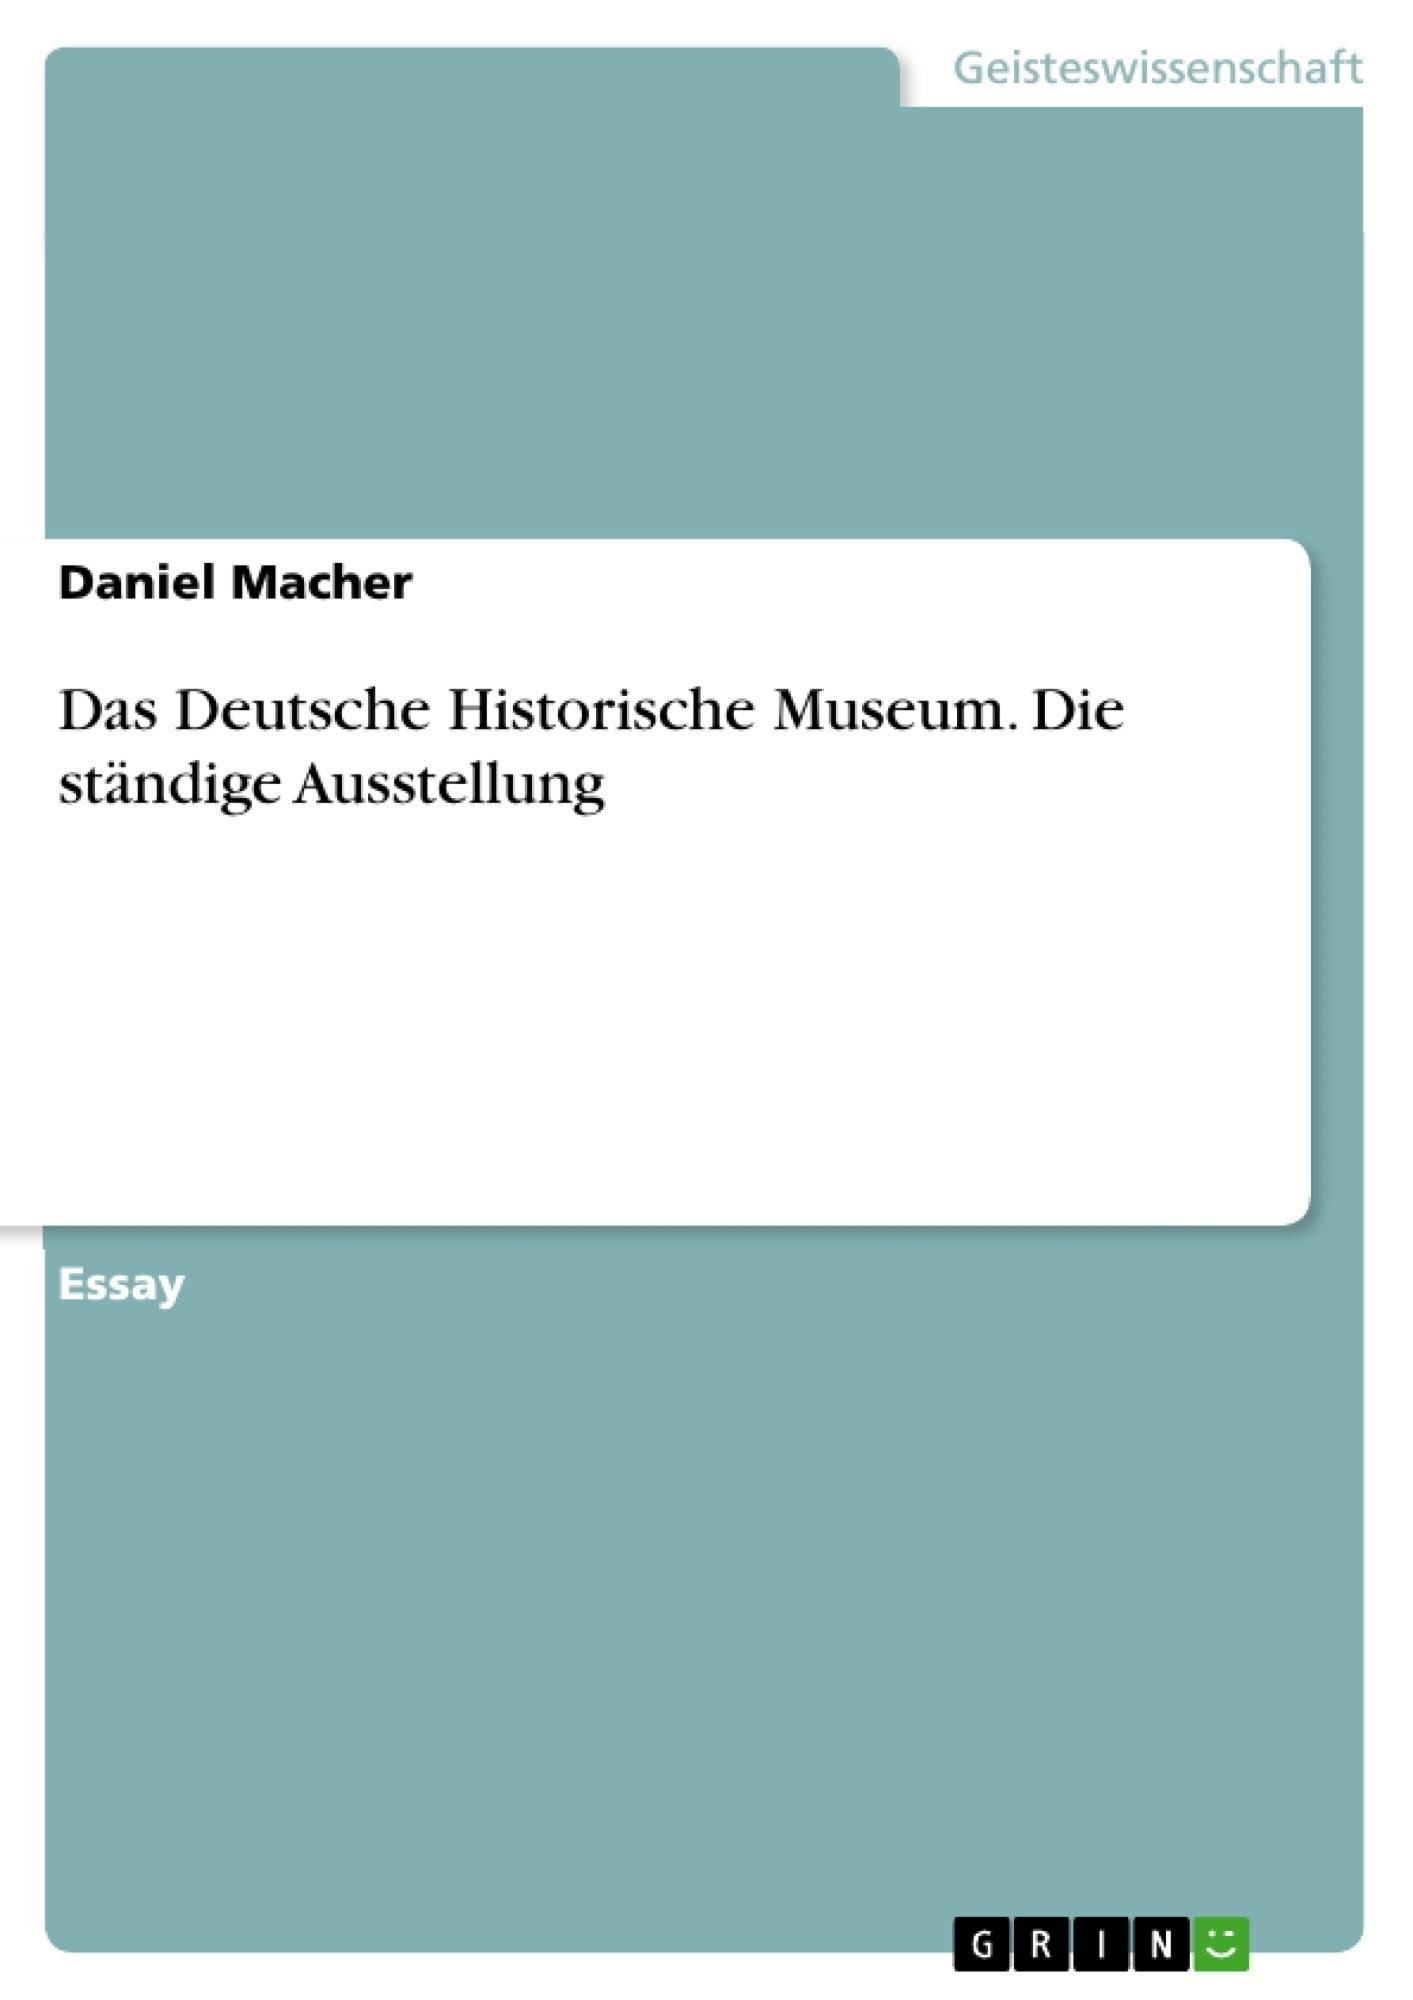 Titel: Das Deutsche Historische Museum. Die ständige Ausstellung